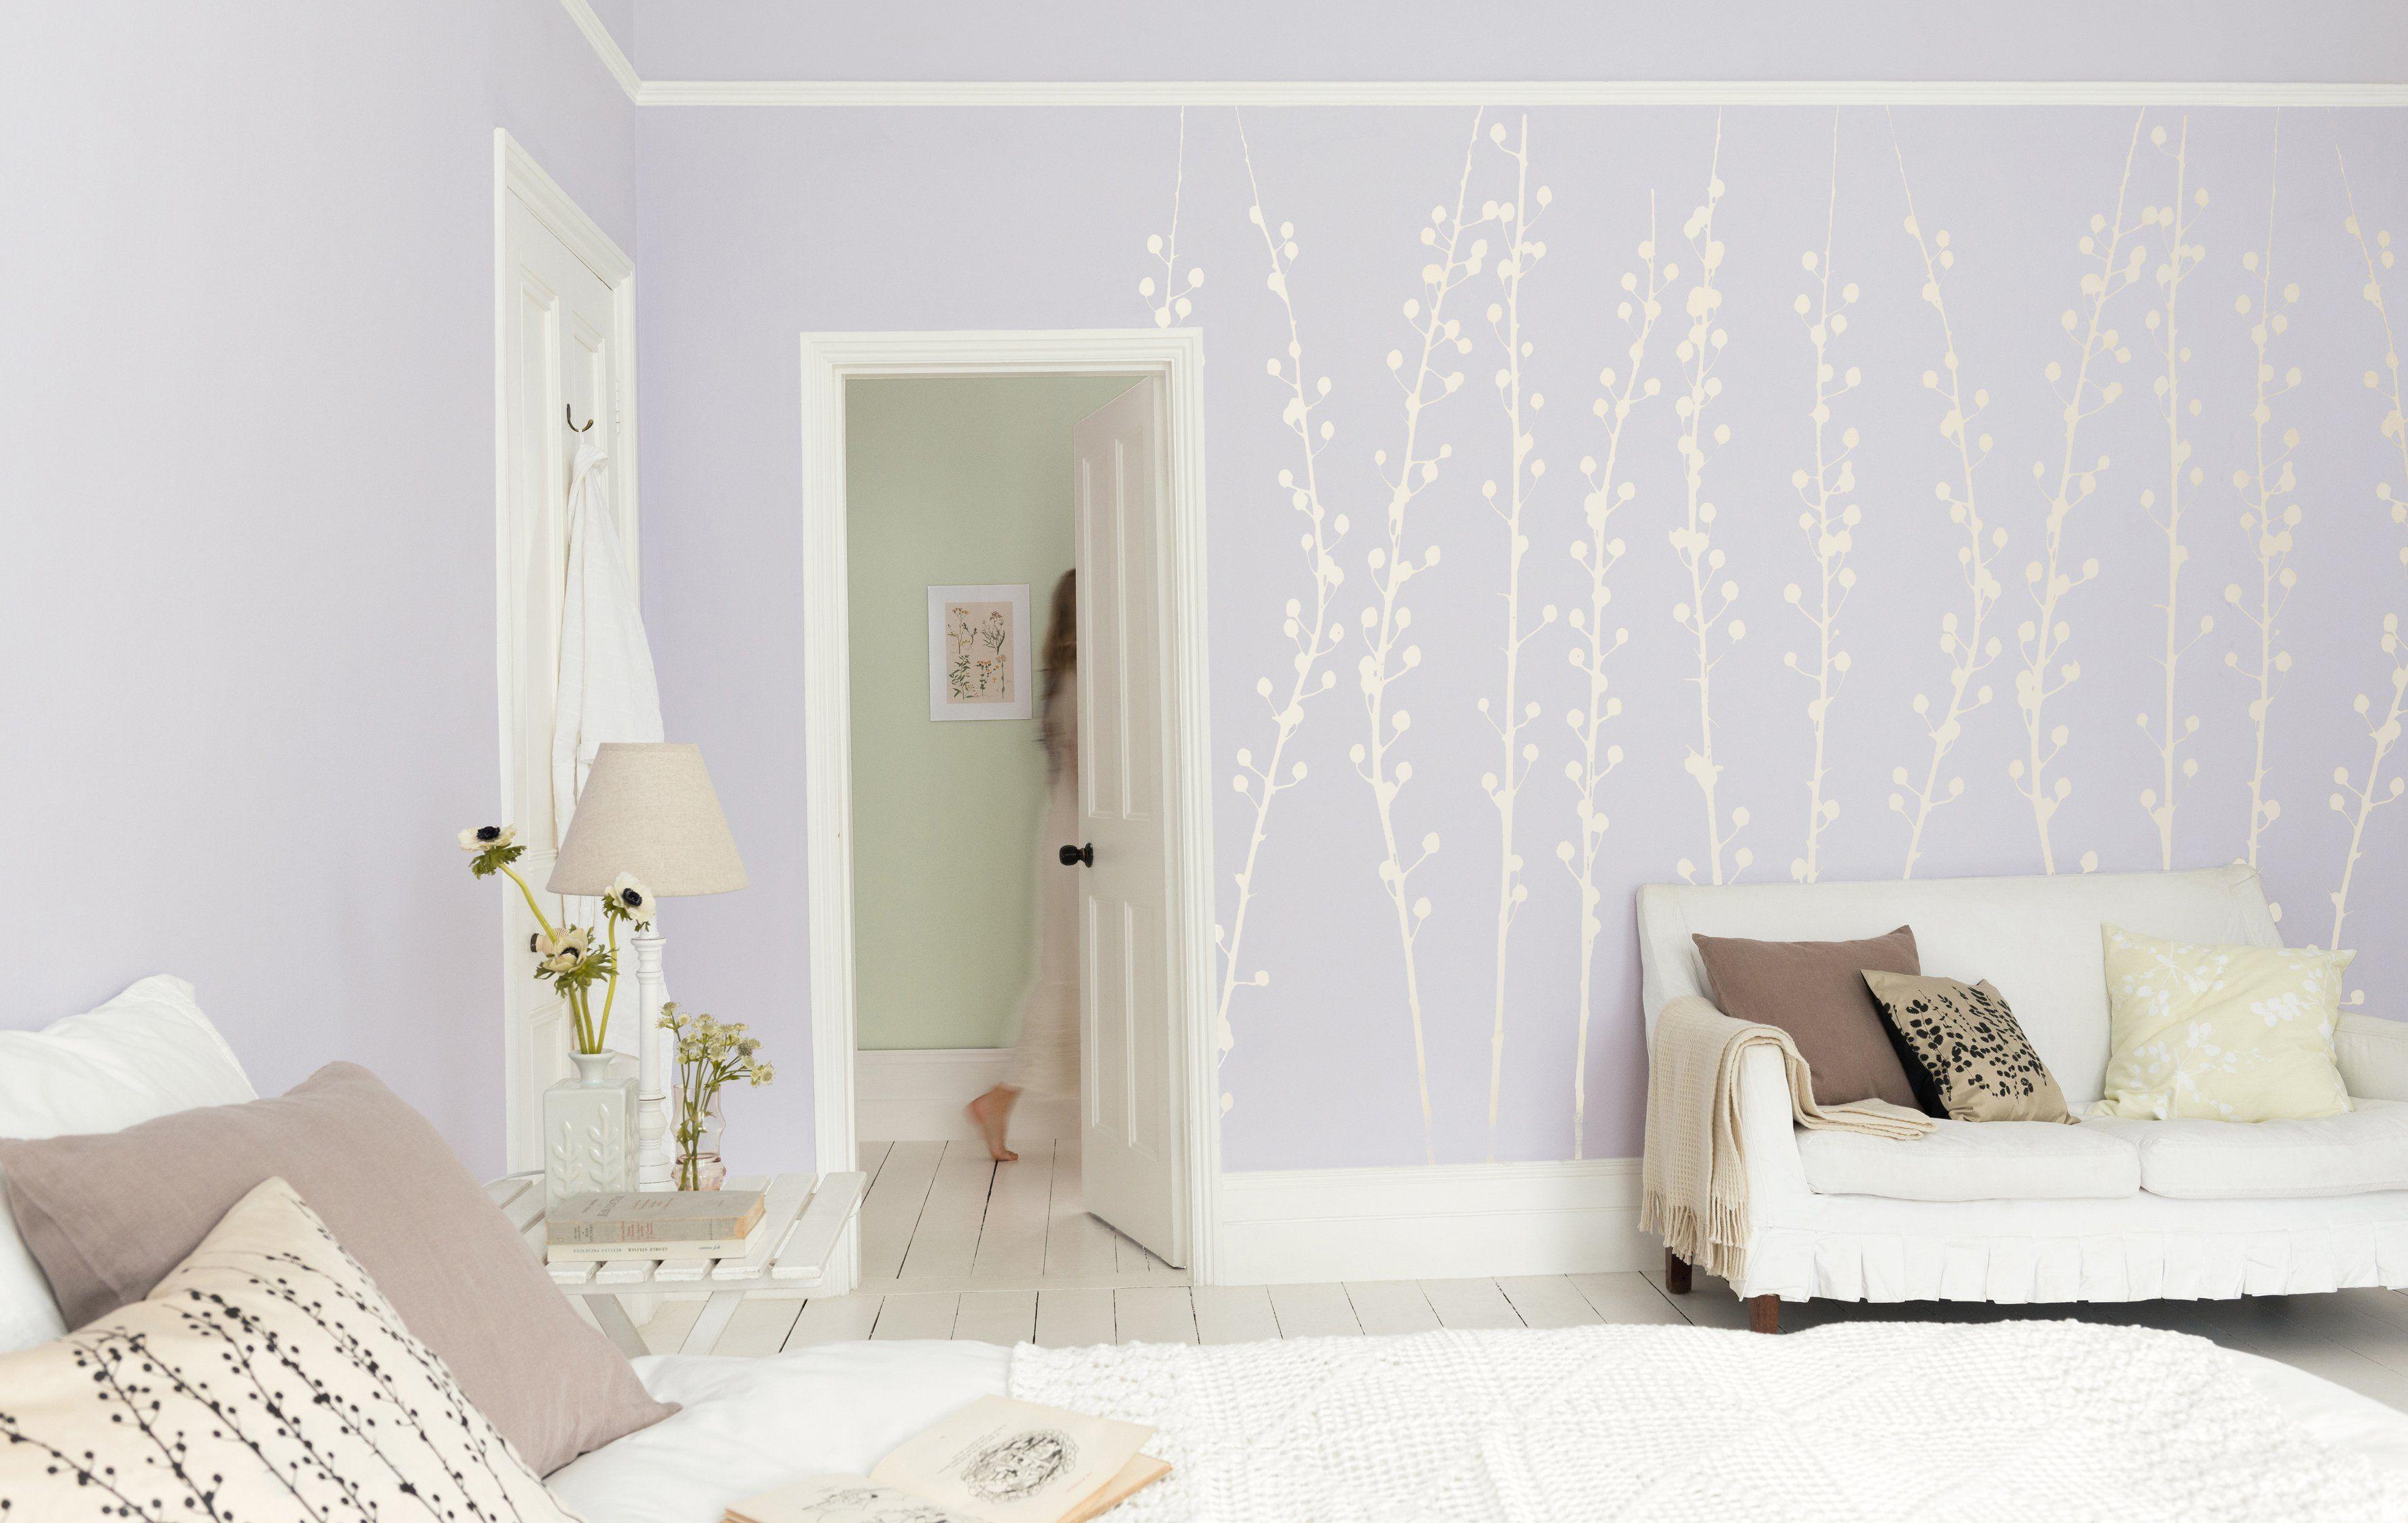 Pastellfarben Einrichten mit Pastelltönen Weiße wand